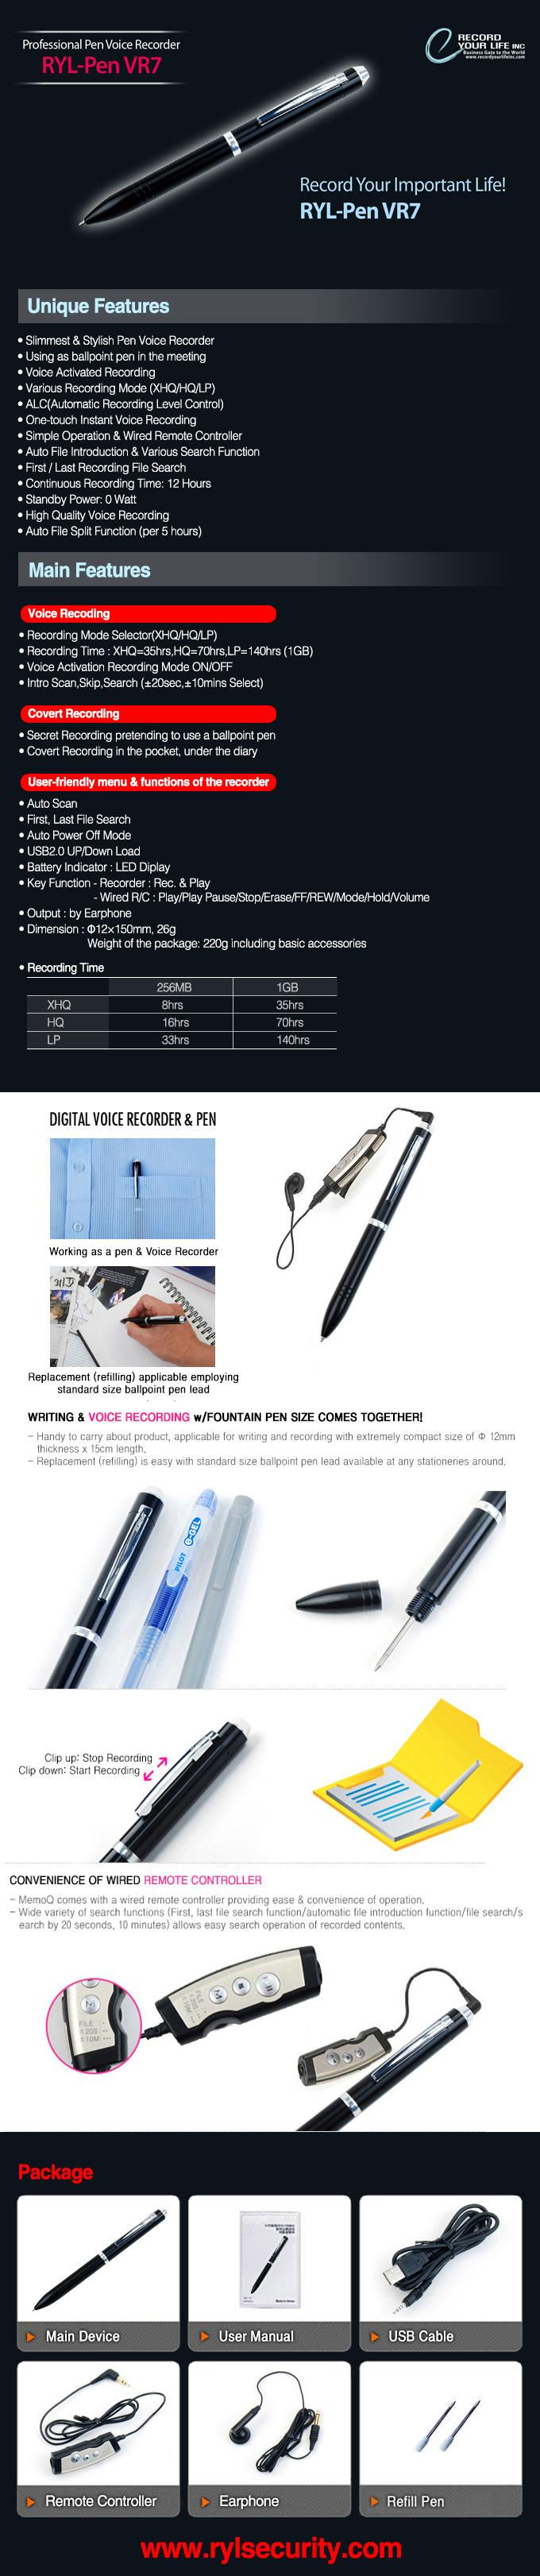 RYL-Pen VR7